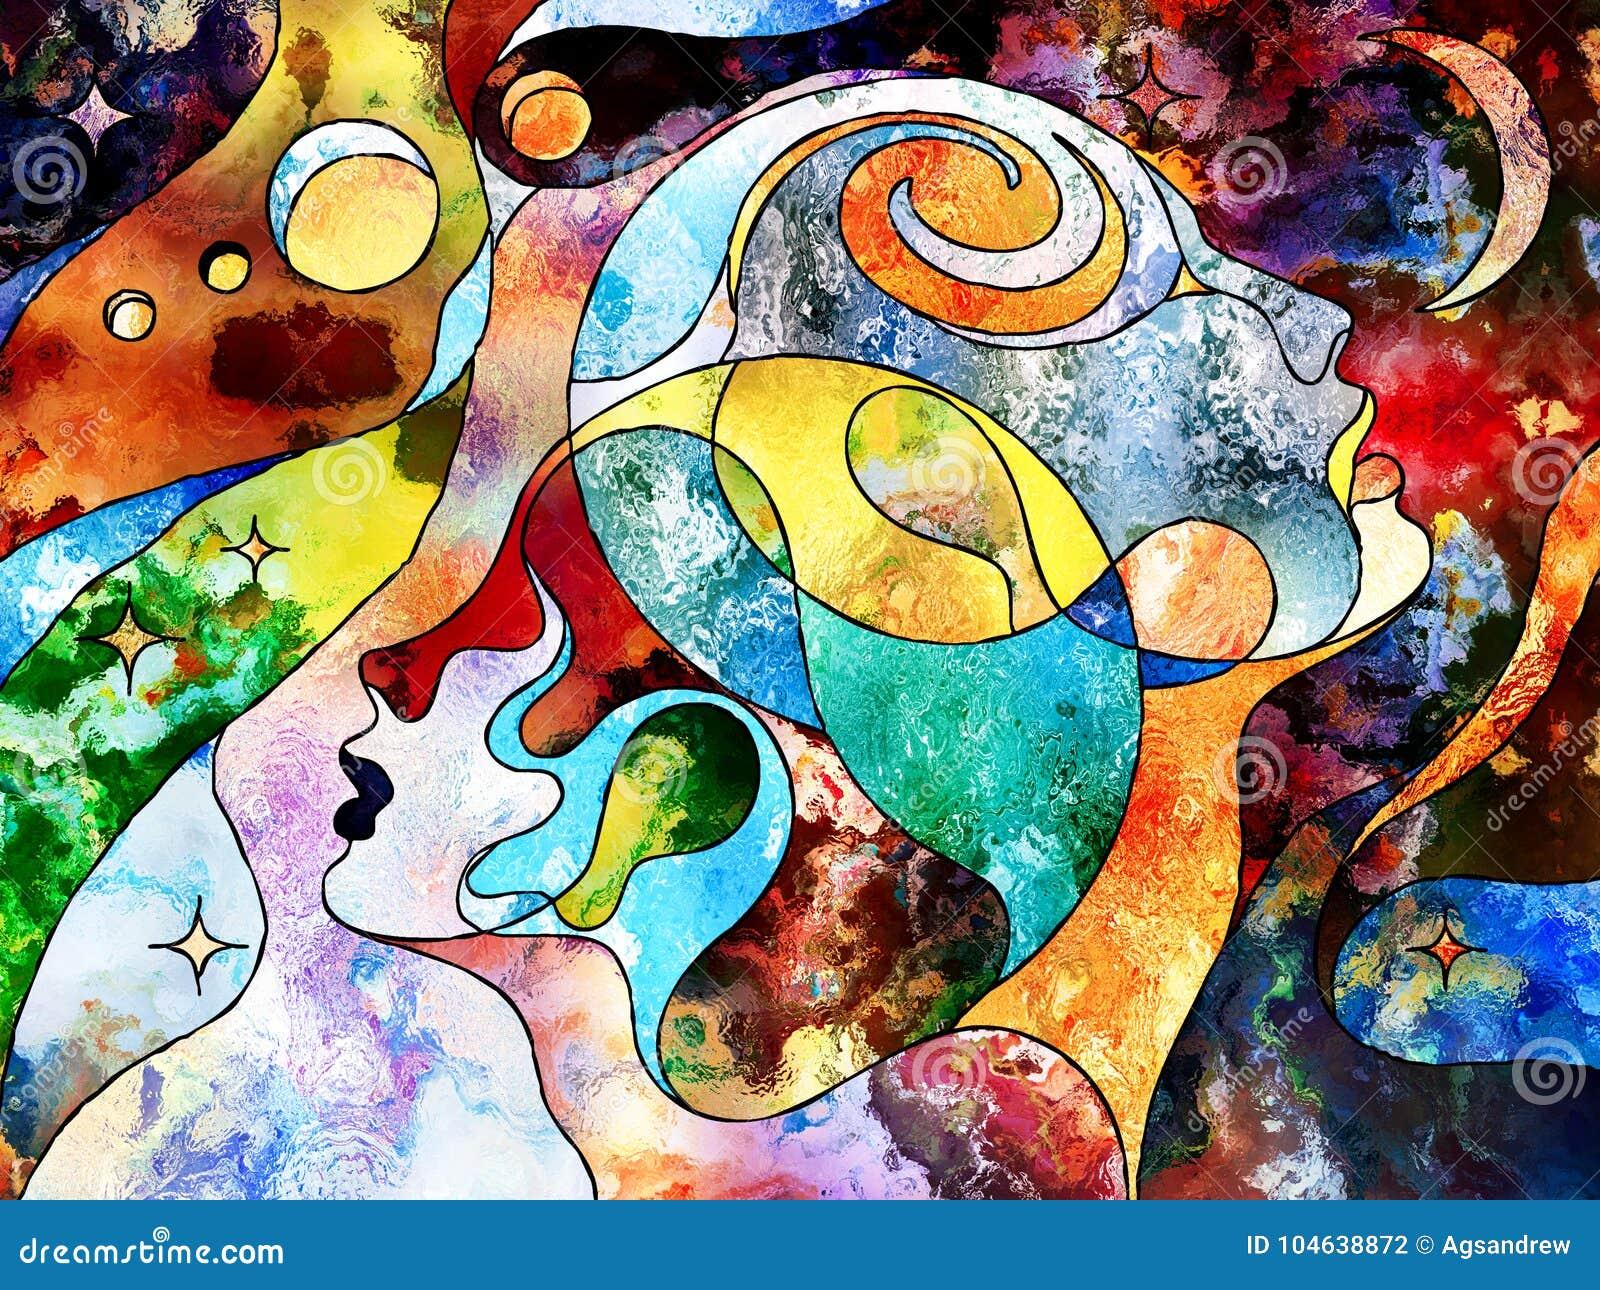 Download Uw Wereld en Mijn stock illustratie. Illustratie bestaande uit hersenen - 104638872